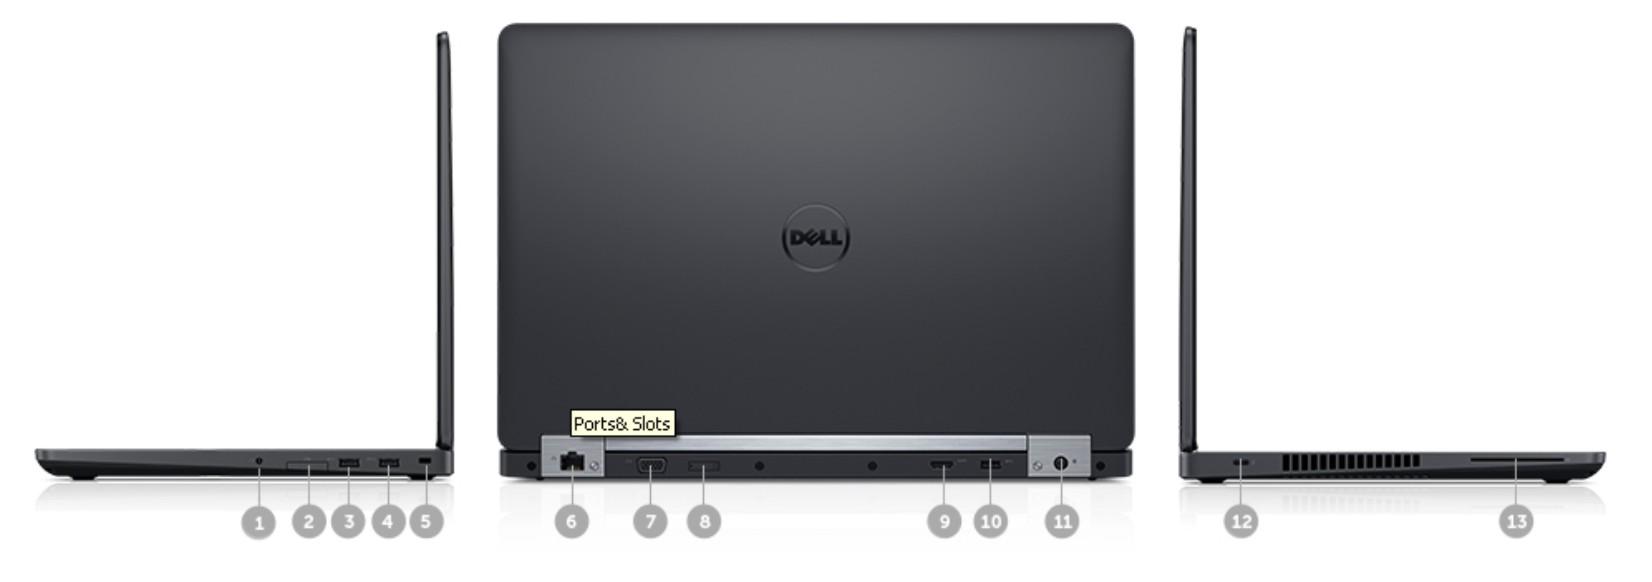 Dell Precision 3510 Laptop pilihan dengan baterai tahan lama dan layar menawan